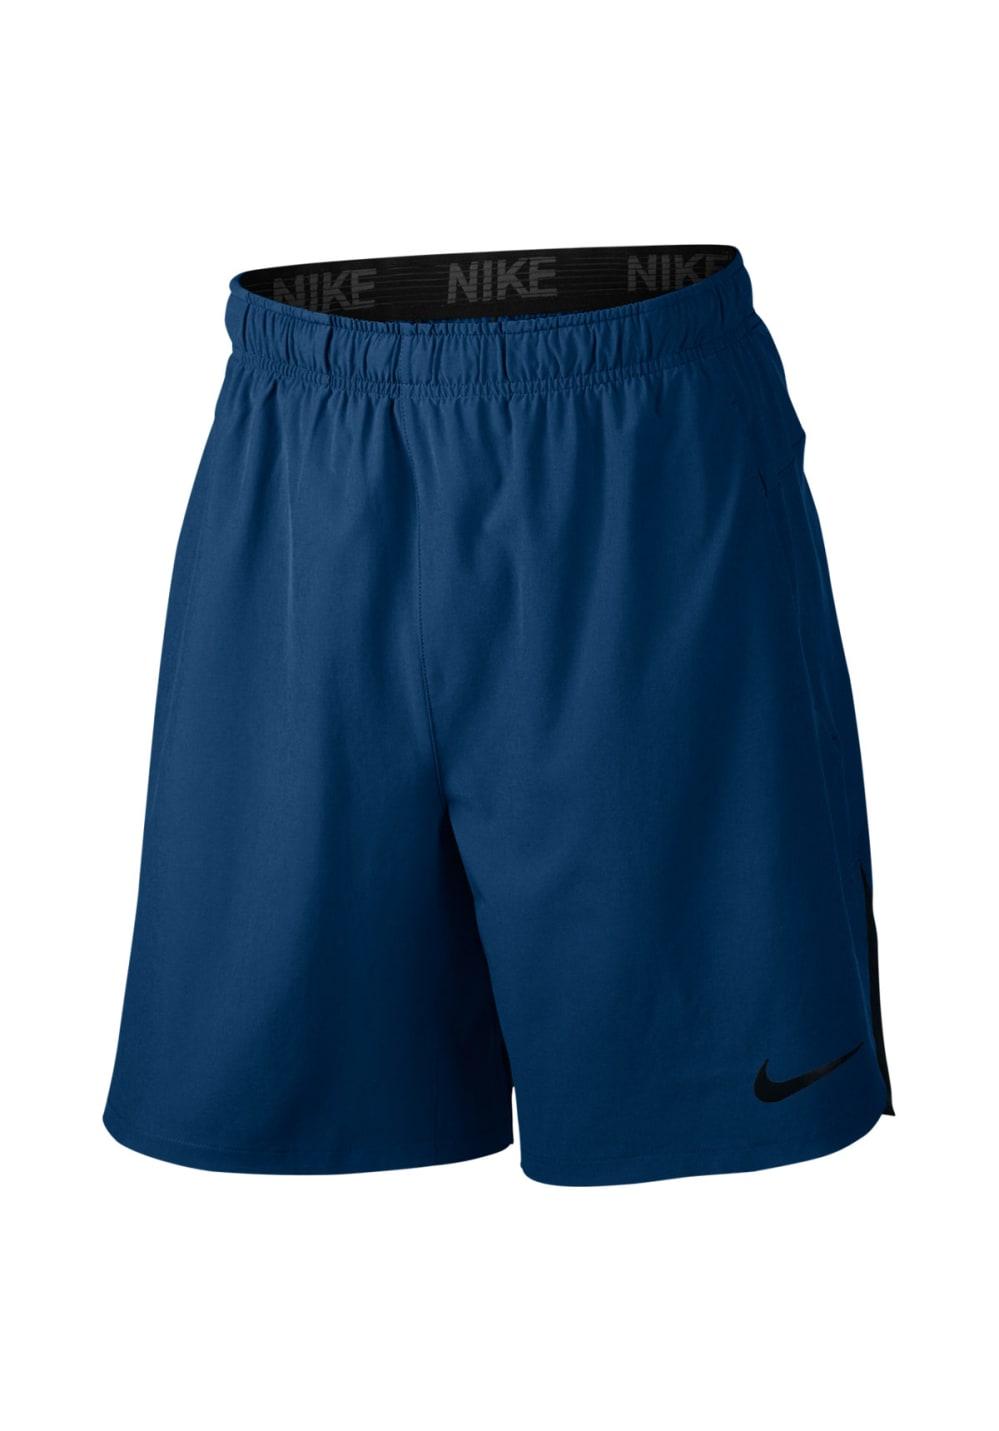 Nike Flex Training Short - Running trousers for Men - Blue  b5d72d1476658